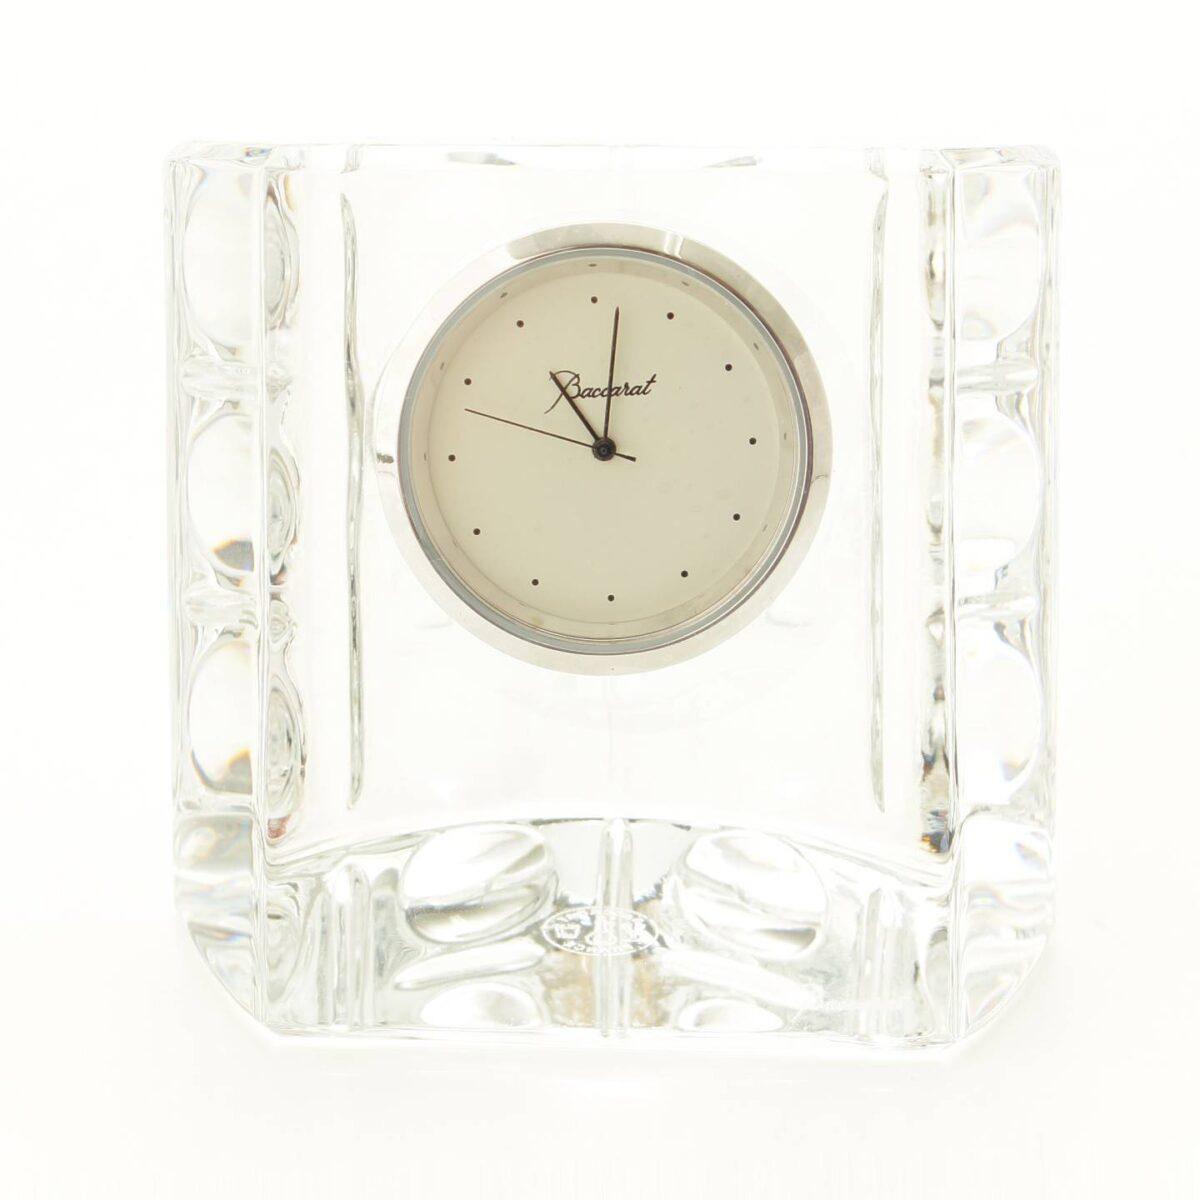 バカラ エキノックスクロック クリスタル 置時計